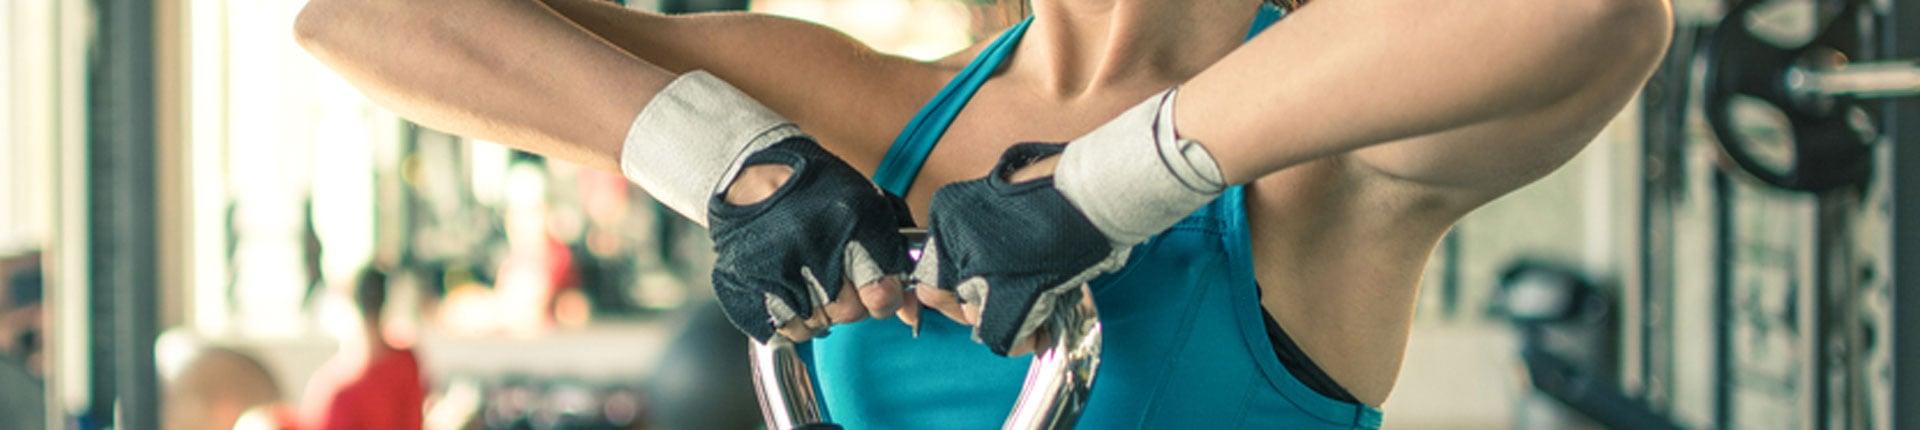 Rękawiczki treningowe - czy warto ich używać w trakcie ćwiczeń?